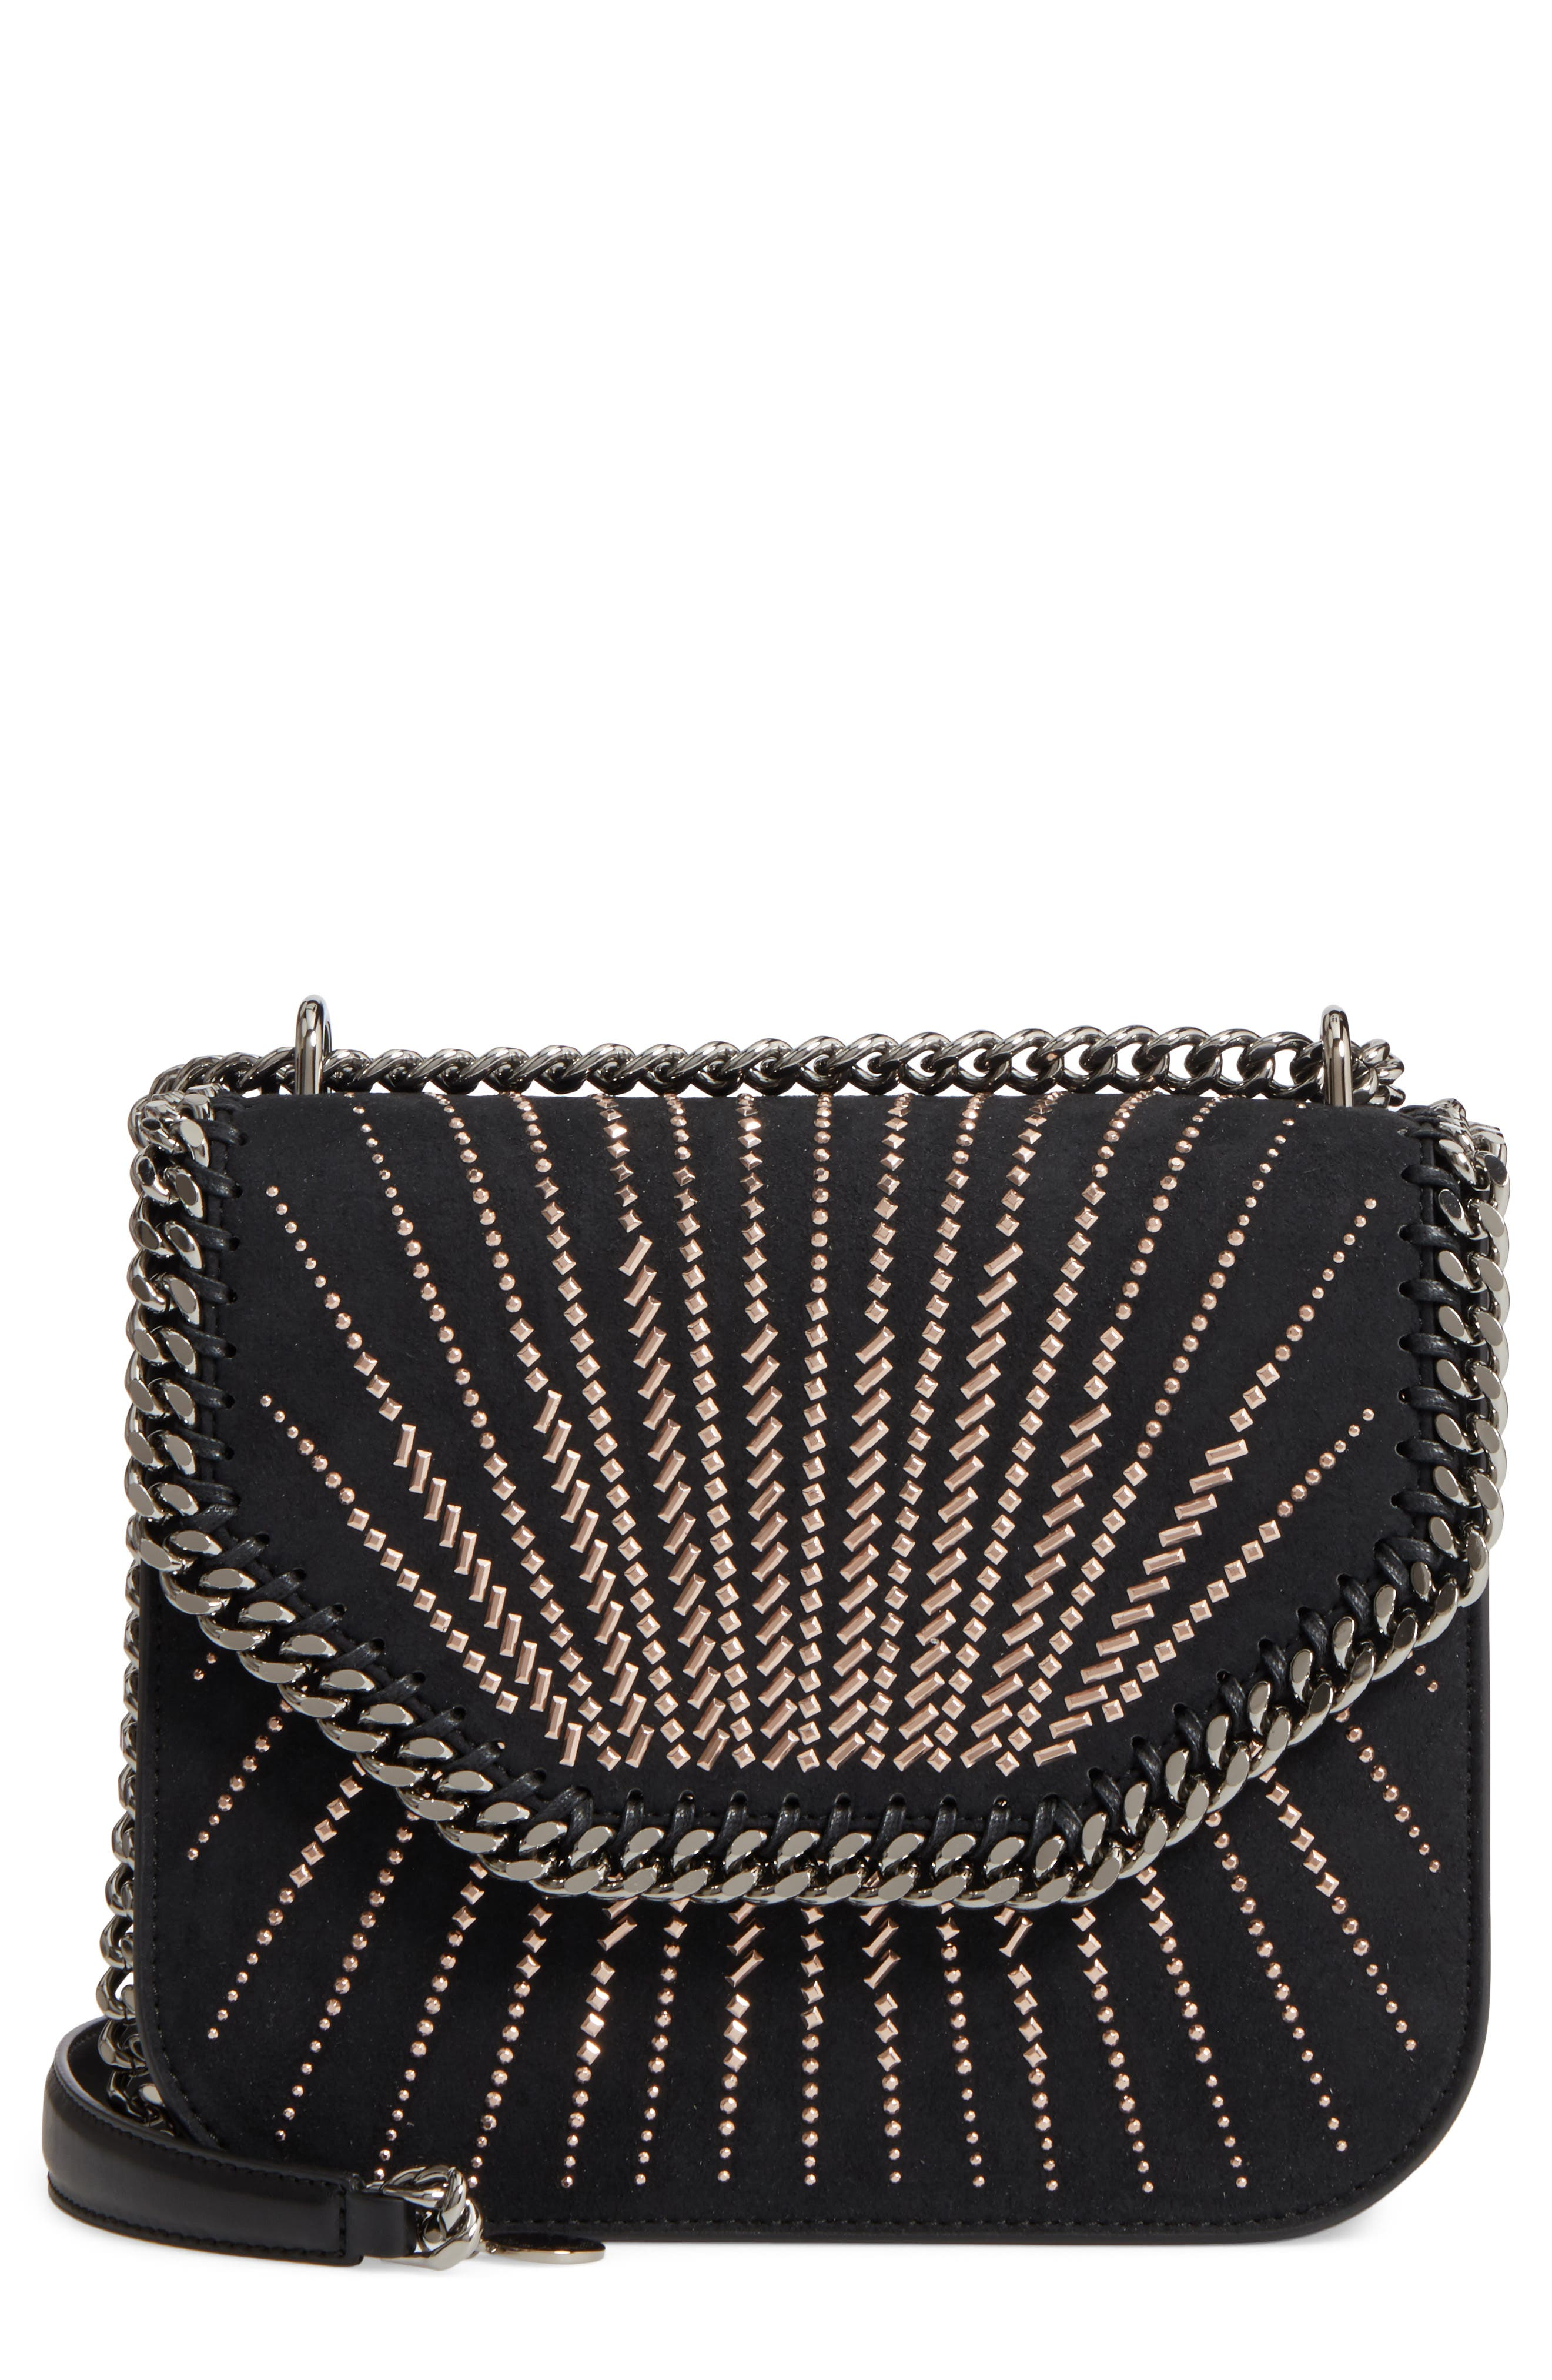 Stella McCartney Medium Falabella Box Hot Fix Shoulder Bag